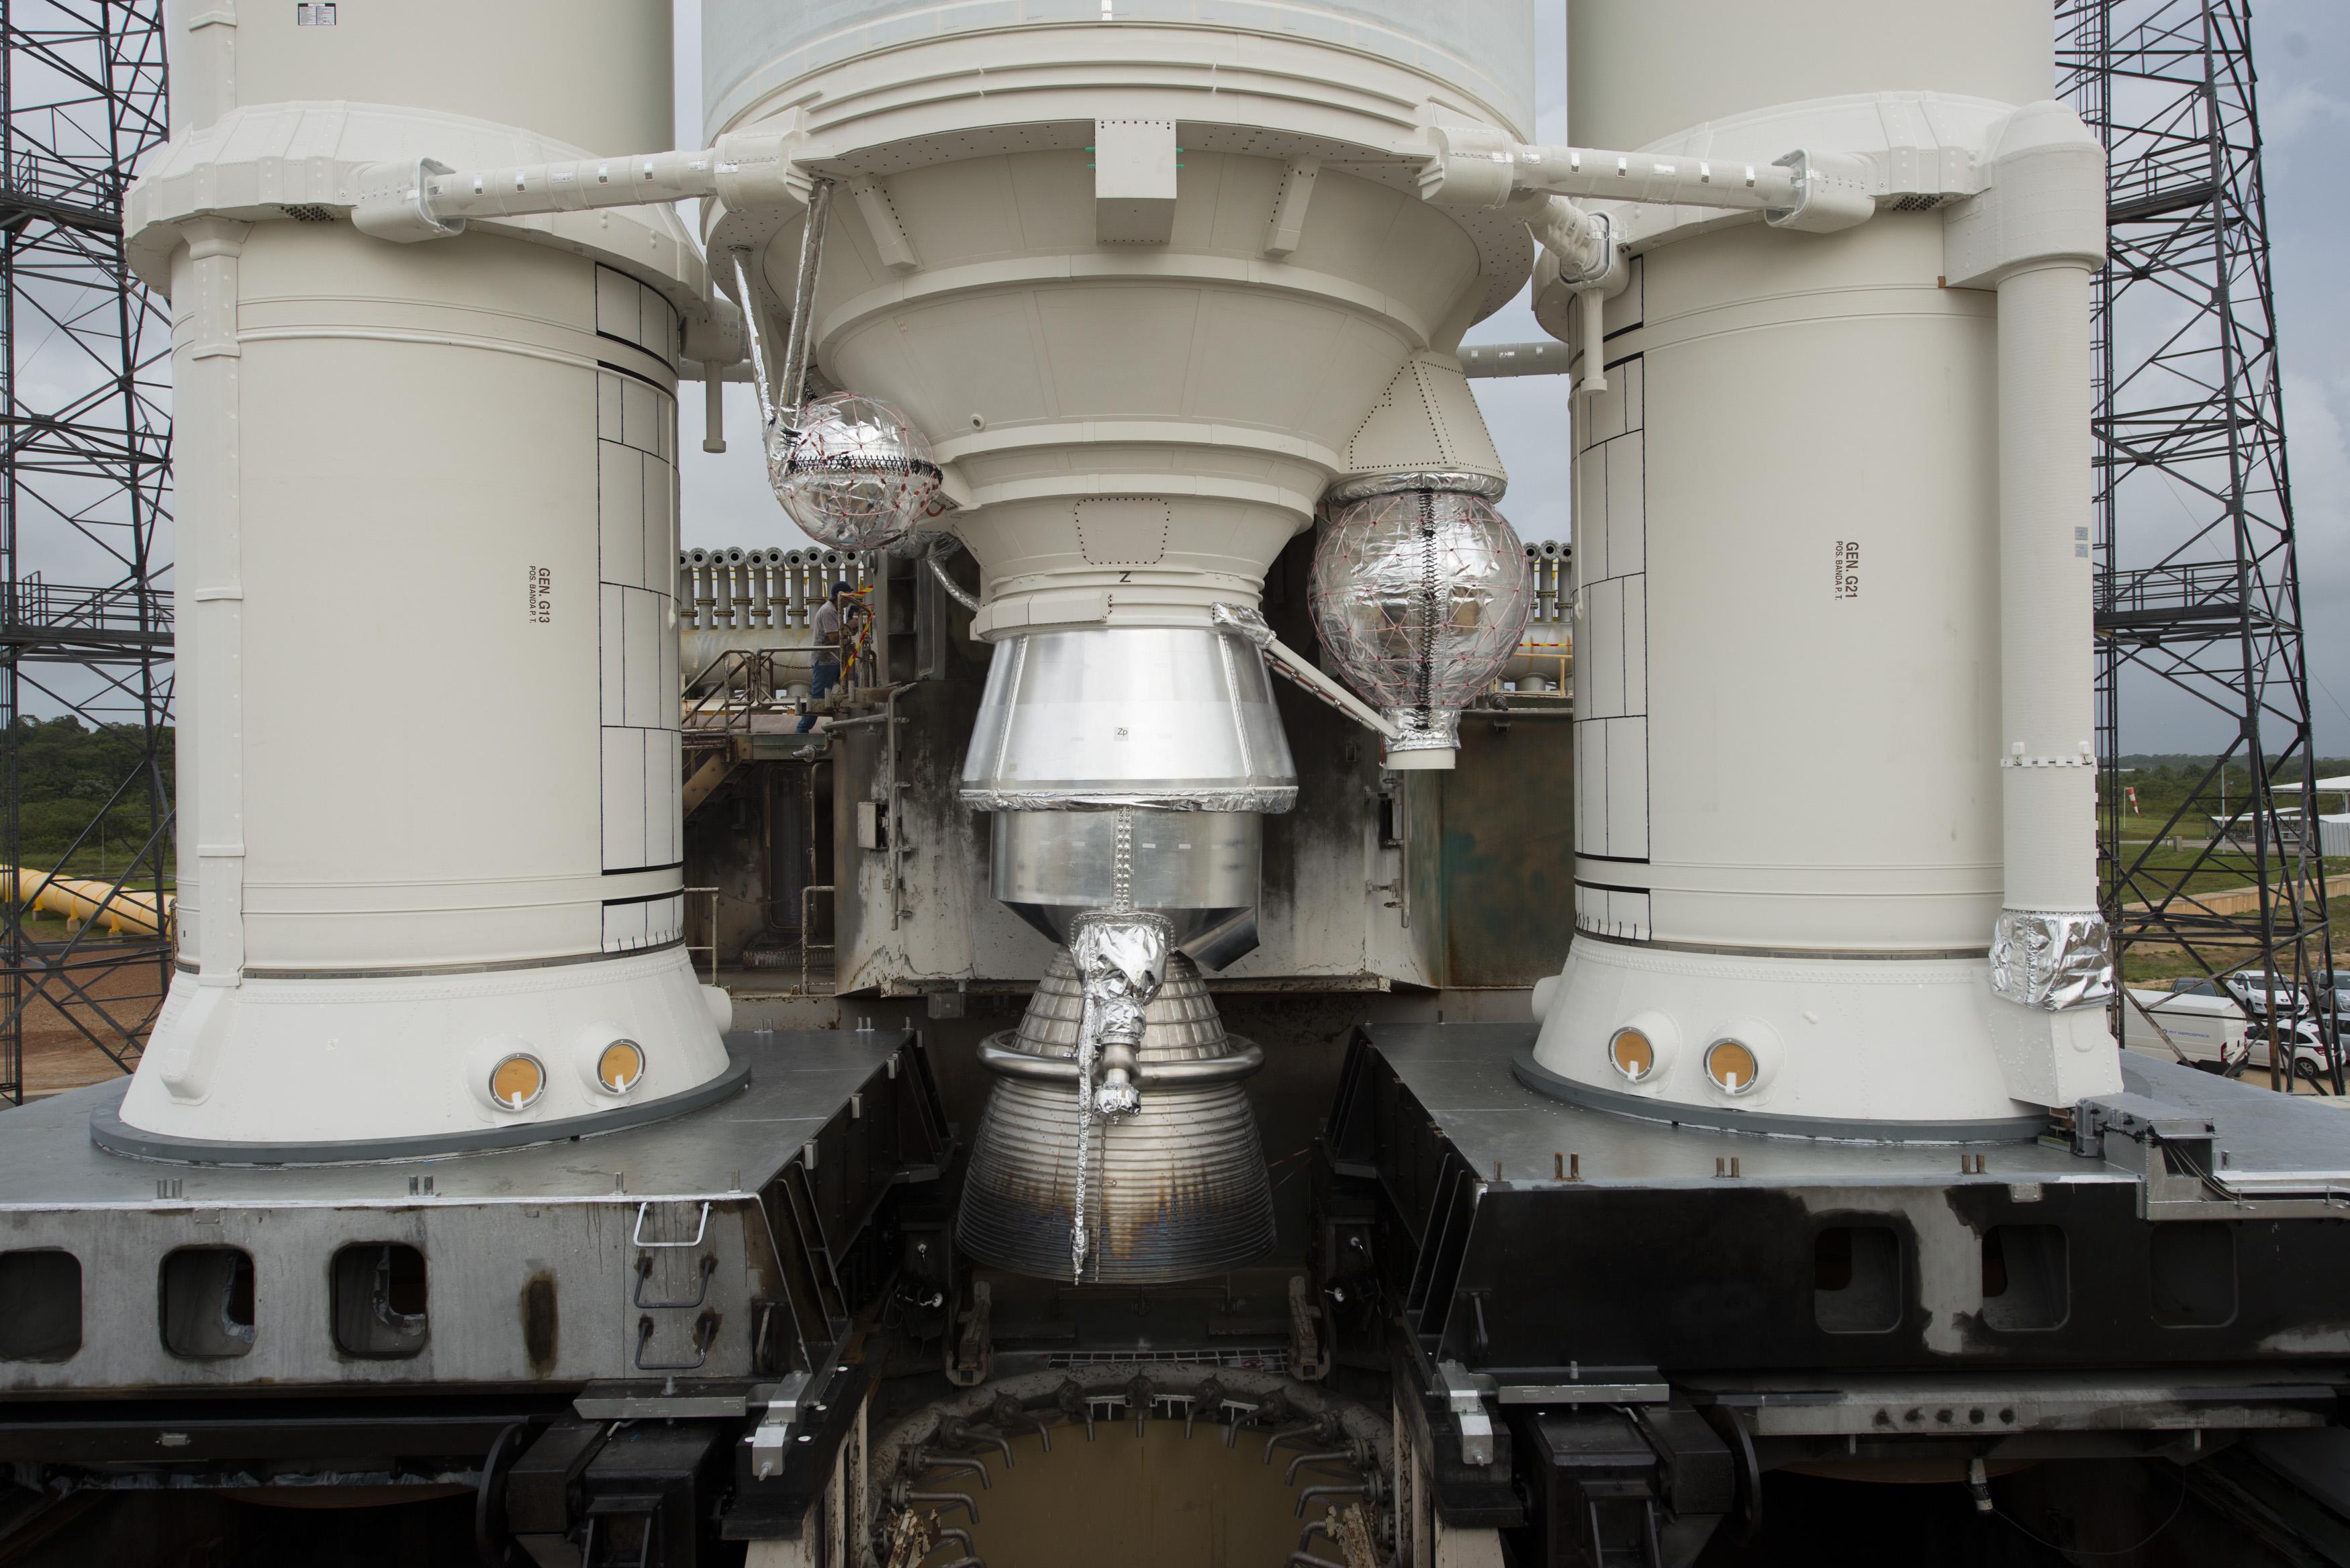 Ariane 5 Vulcain Engine